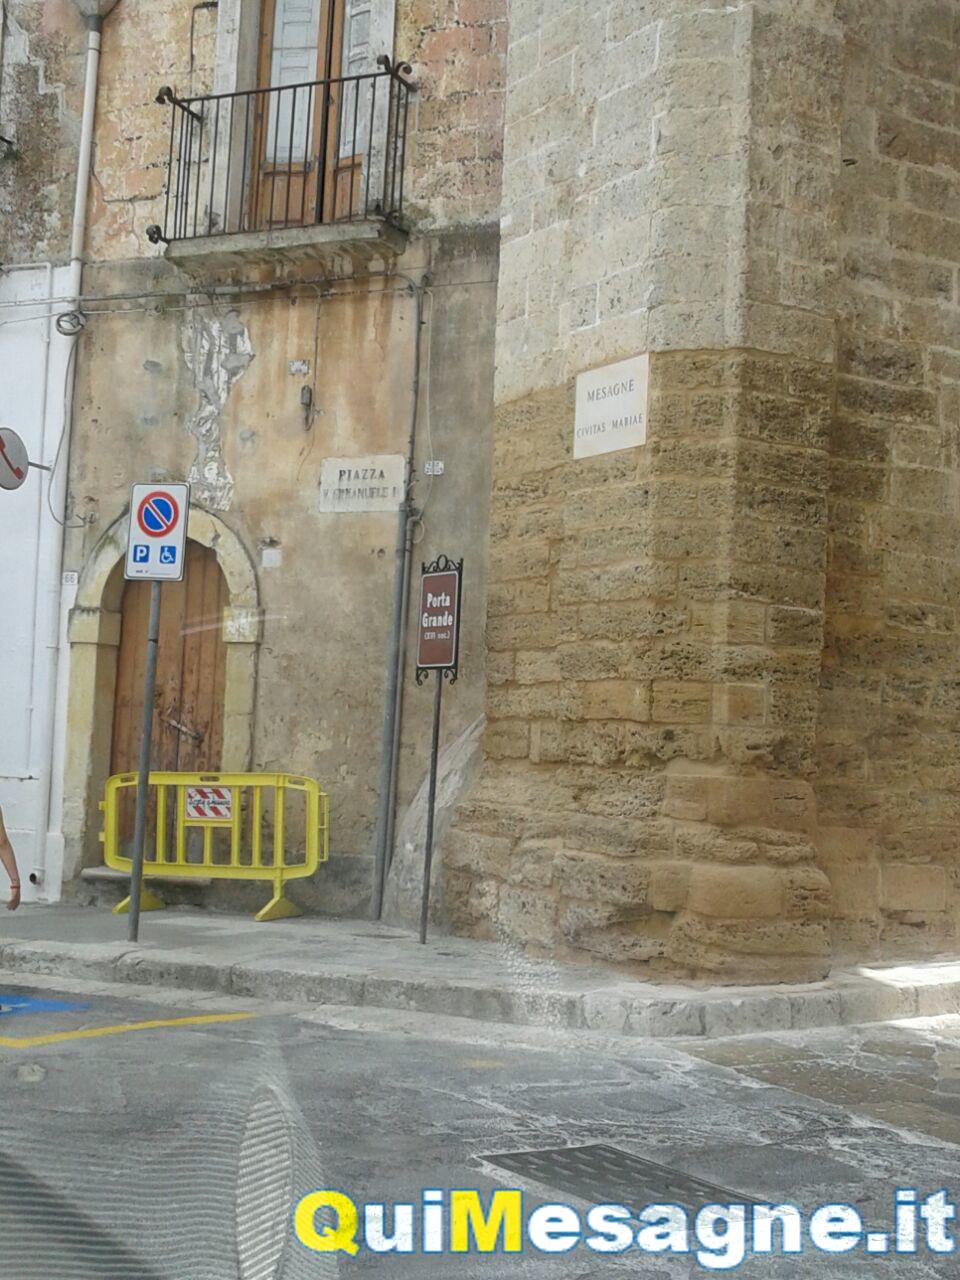 UFFICIO RECLAMI – Mesagnesi popolo di incontentabili: dopo la Porta Grande vogliono strade rifatte e targa sistemata